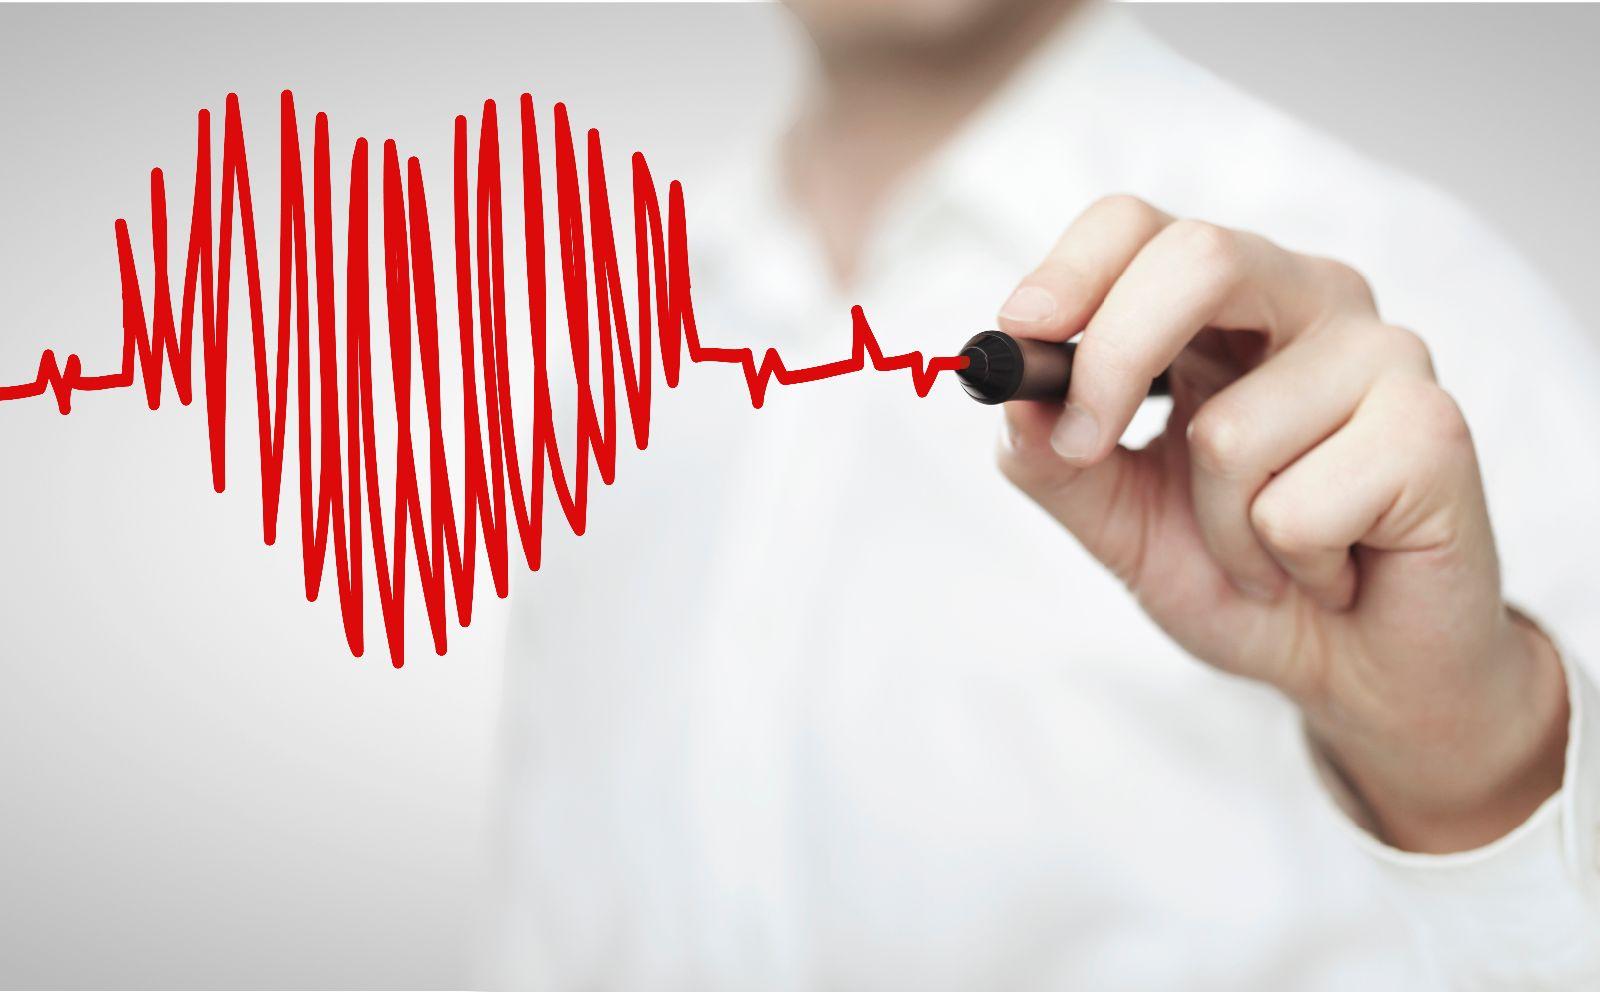 Una persona pinta en un vidrio con plumin rojo un corazón con rayas horizontales que simulan es electrocardigrama